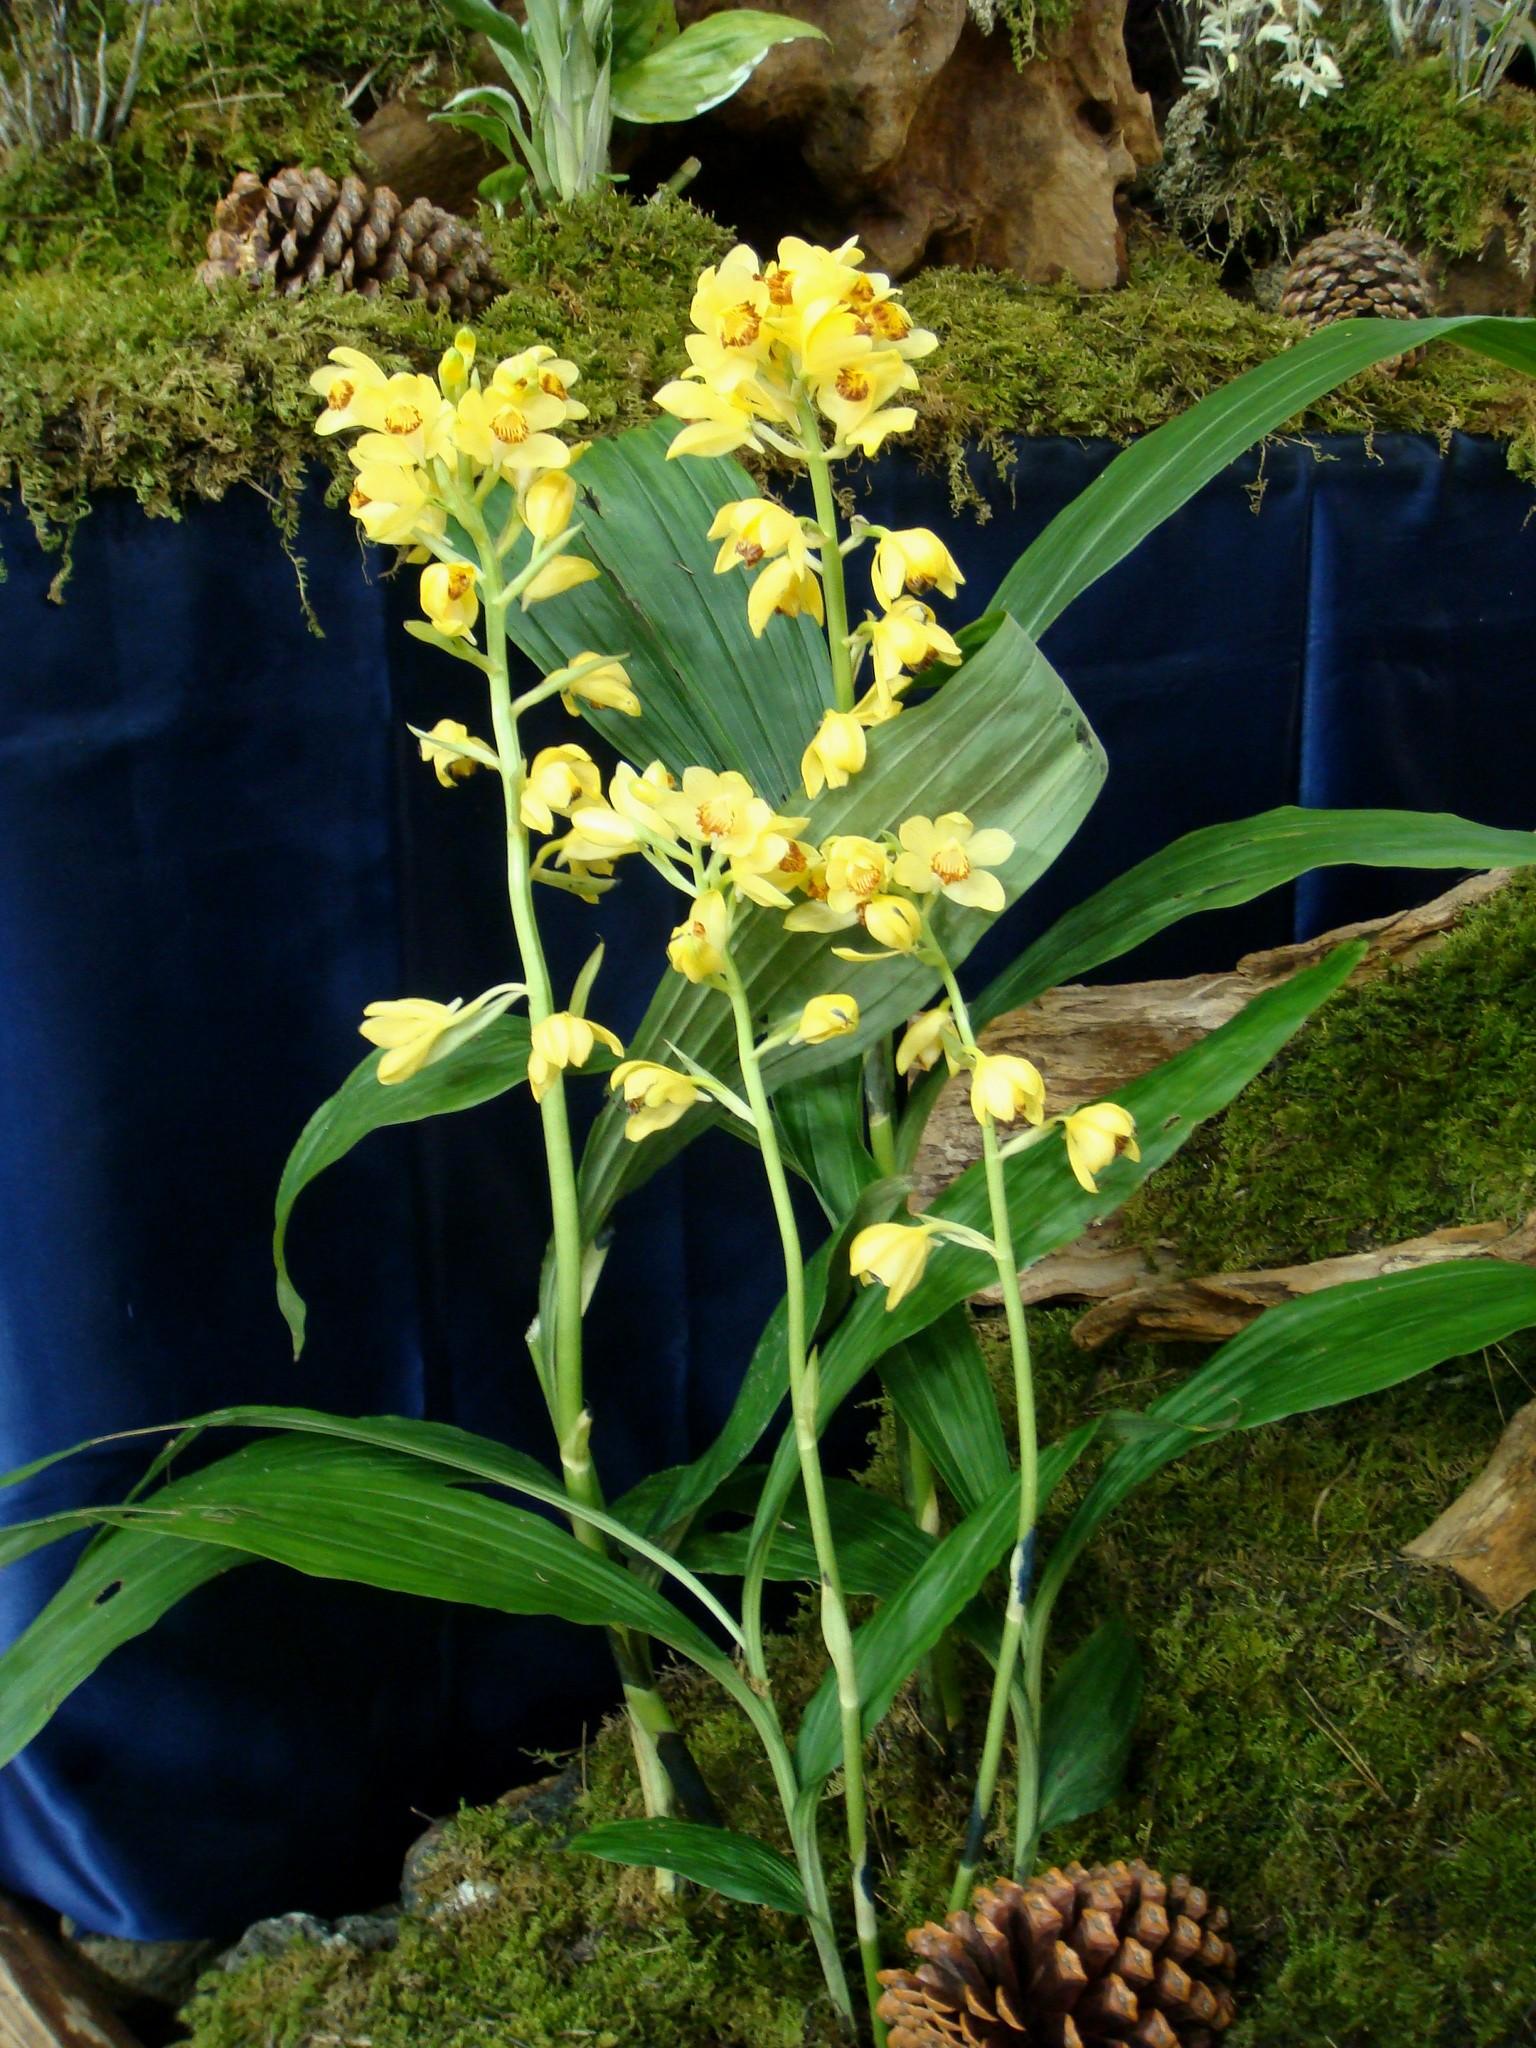 http://www7a.biglobe.ne.jp/~flower_world/images/Phaius%20flavus/DSC03059.JPG